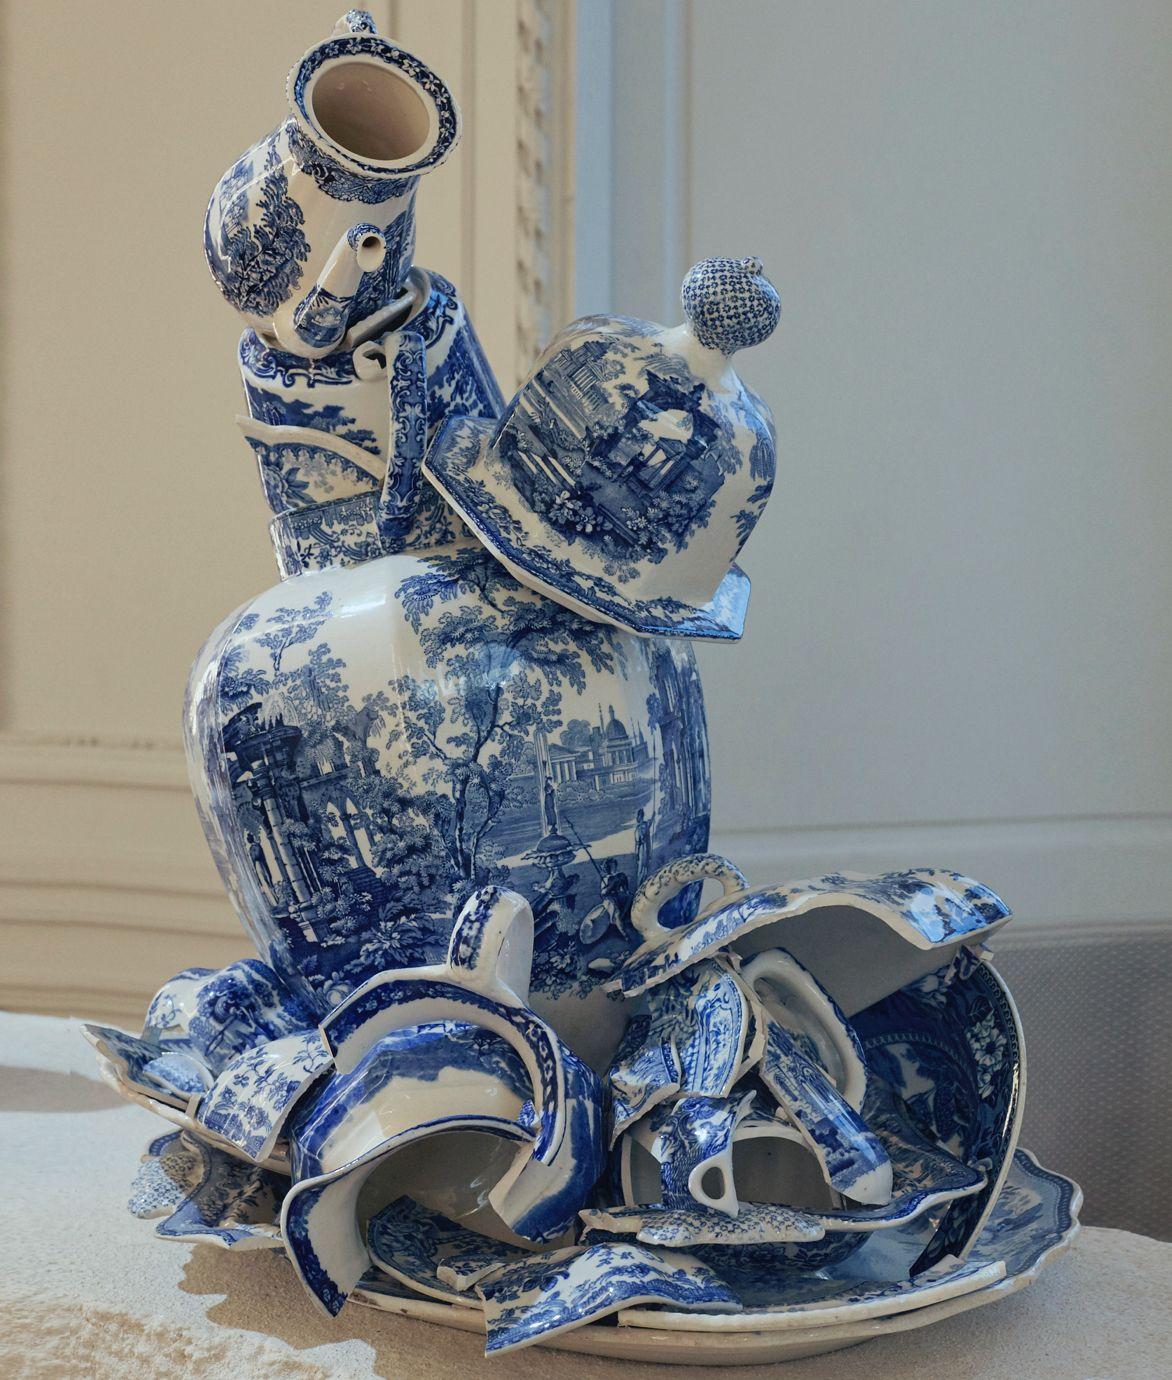 ceramiica rota Bouke de Vries